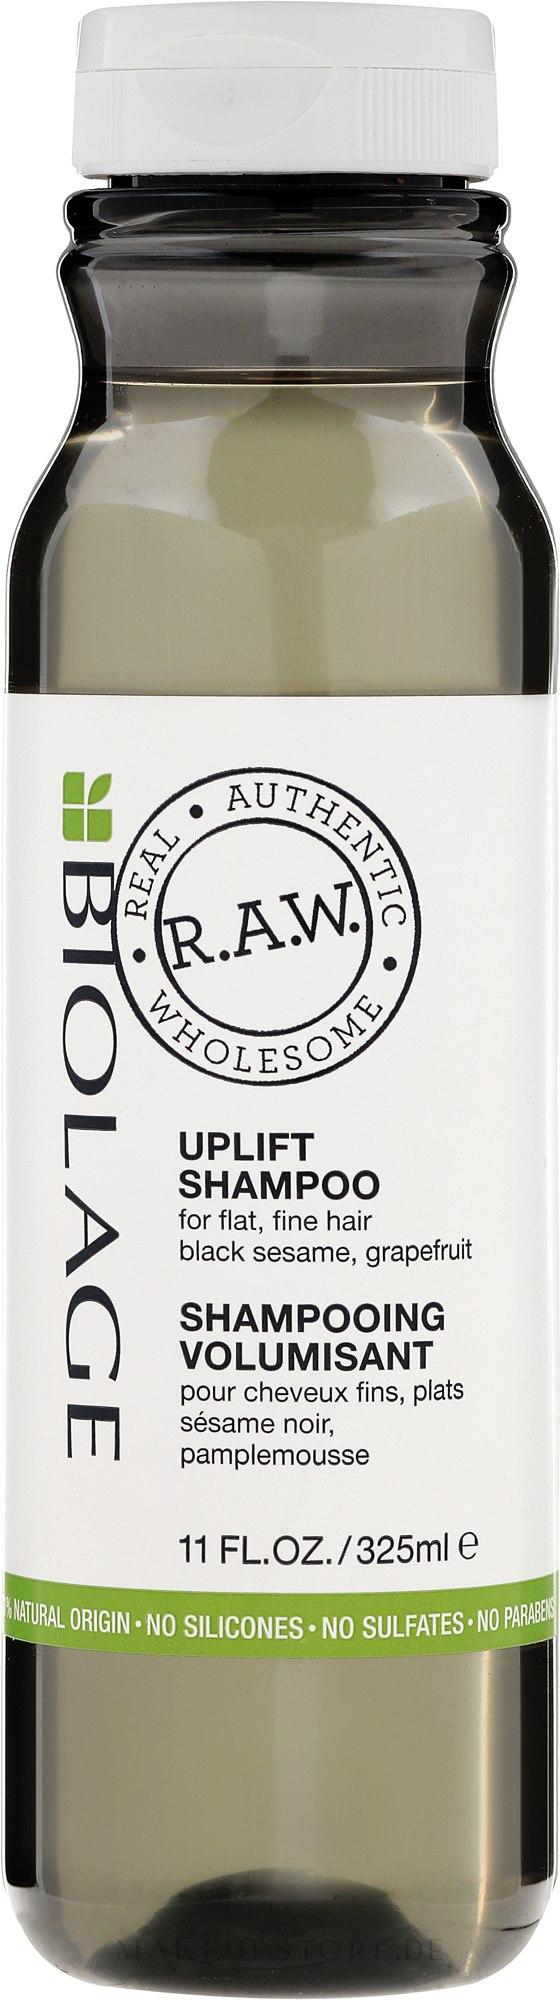 Volumebloom Shampoo für feines Haar - Biolage R.A.W. Uplift Shampoo — Bild 325 ml